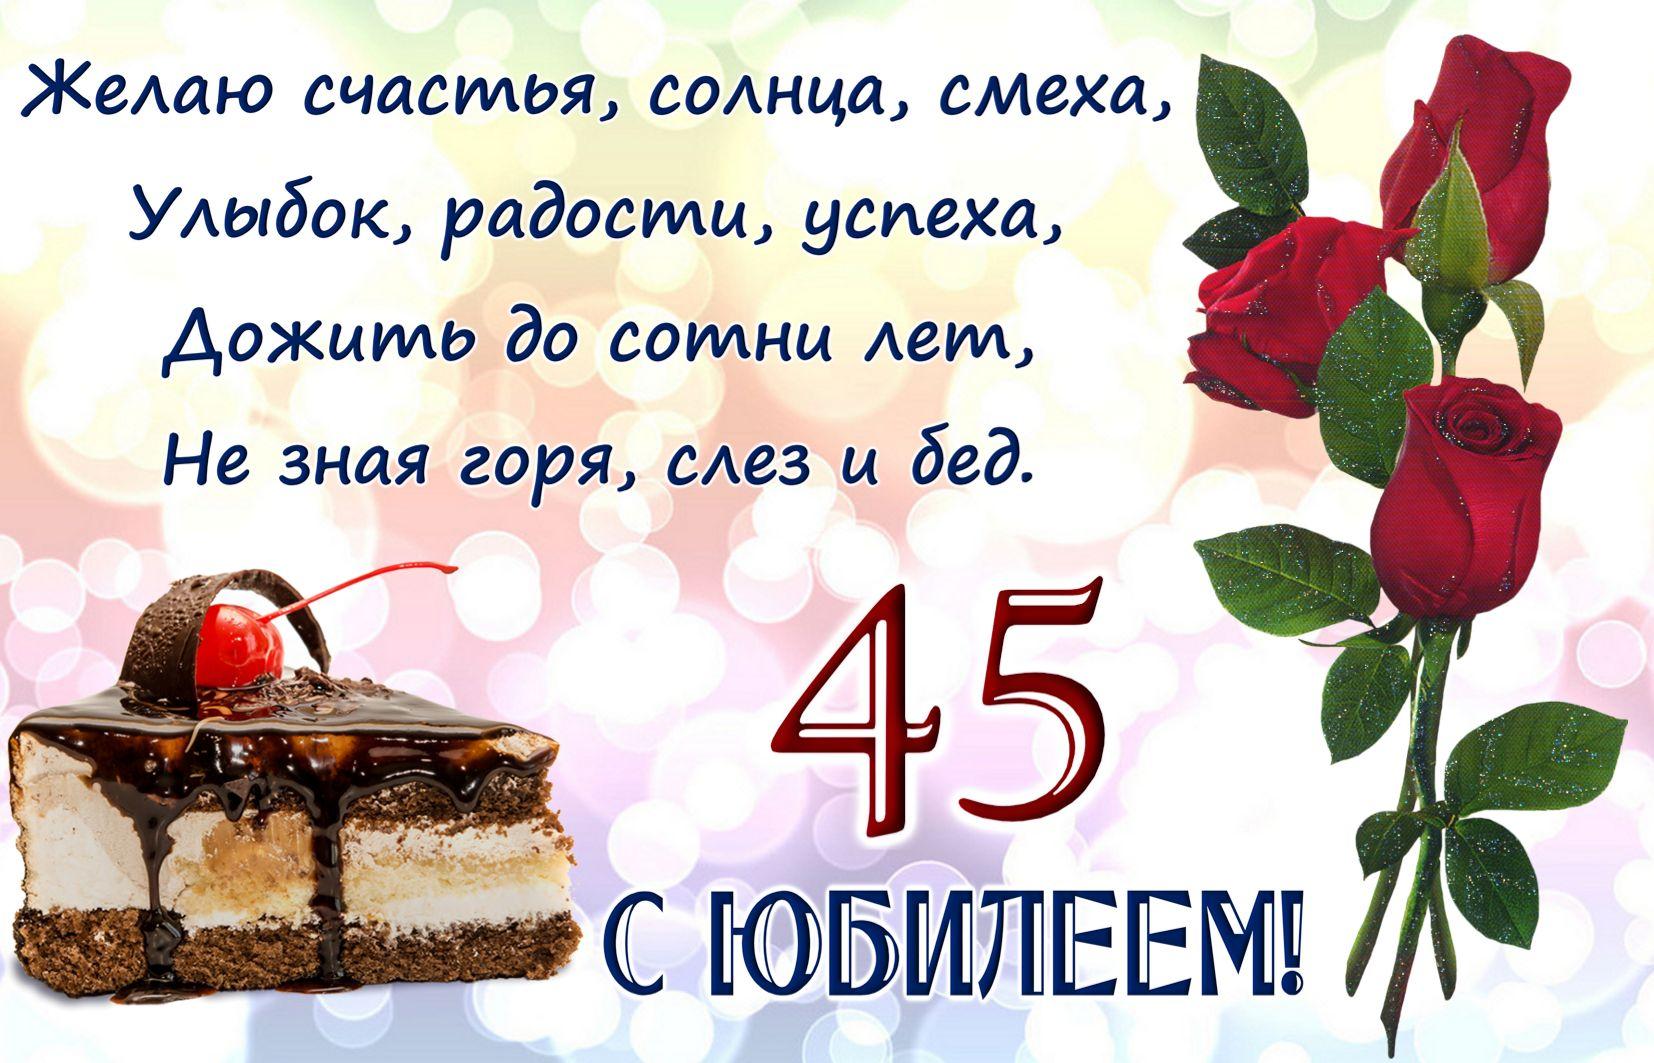 Поздравления на юбилей 45 лет женщине красивые